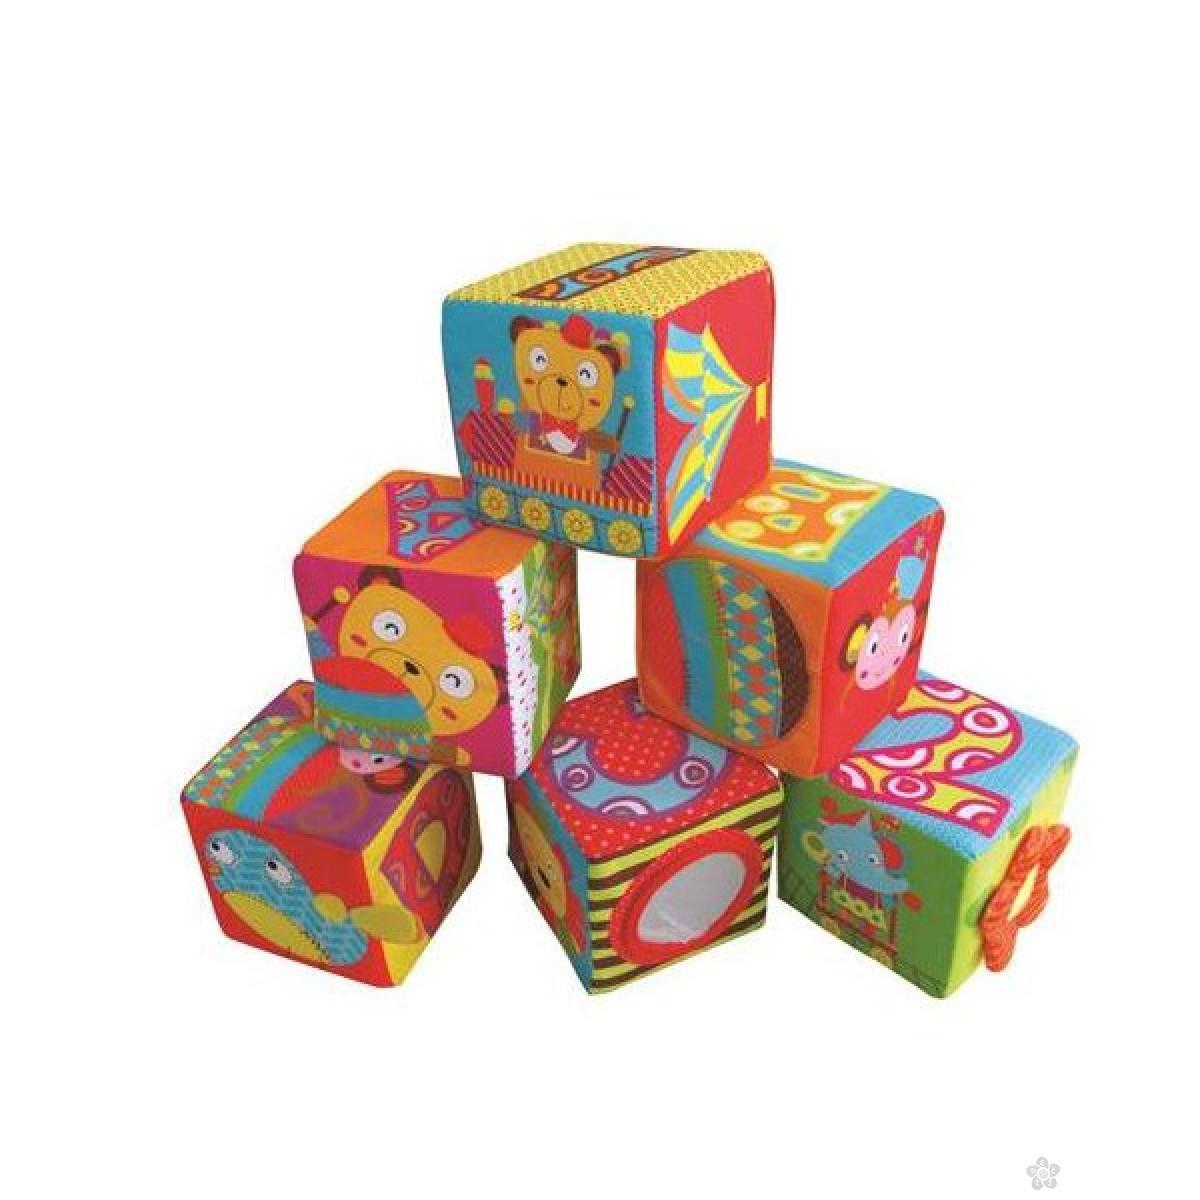 Kocke mekane za slaganje Cirkus 1/6, 0127202